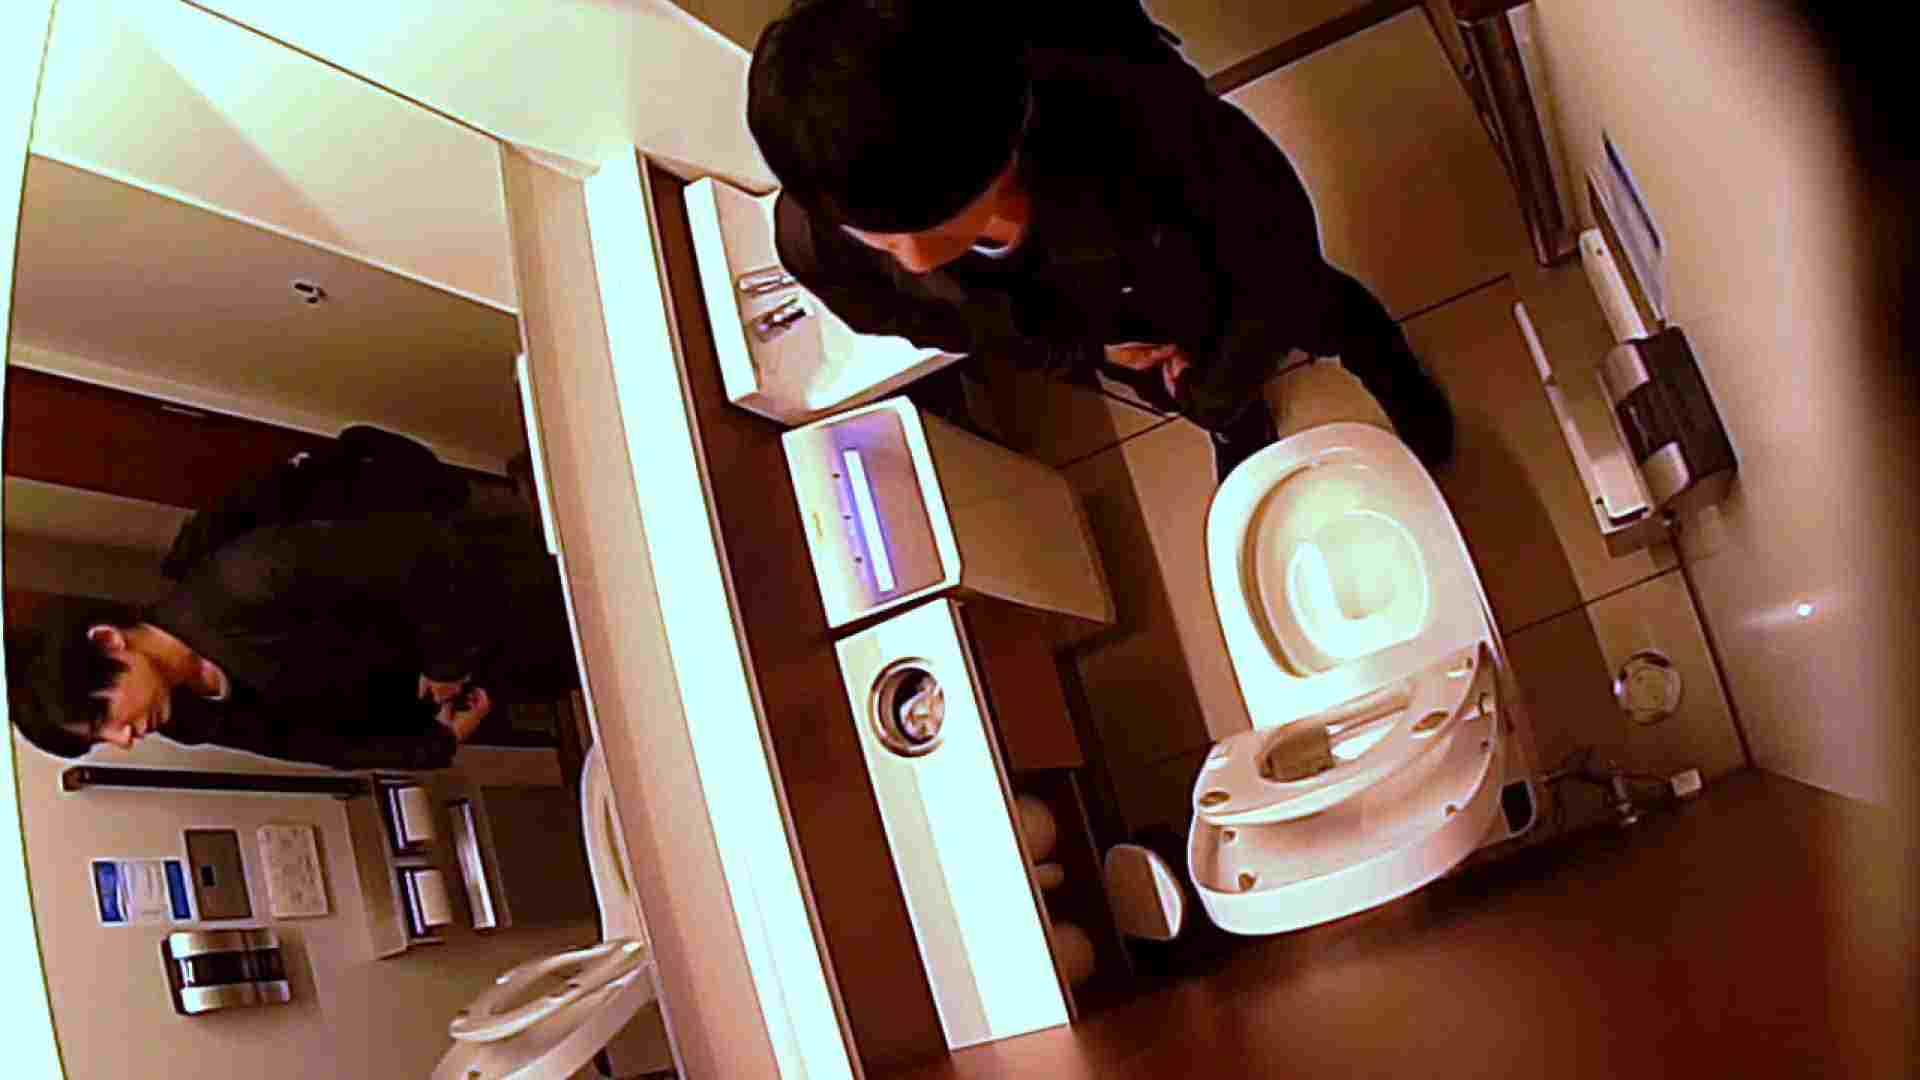 すみませんが覗かせてください Vol.32 トイレ | 0  102pic 64